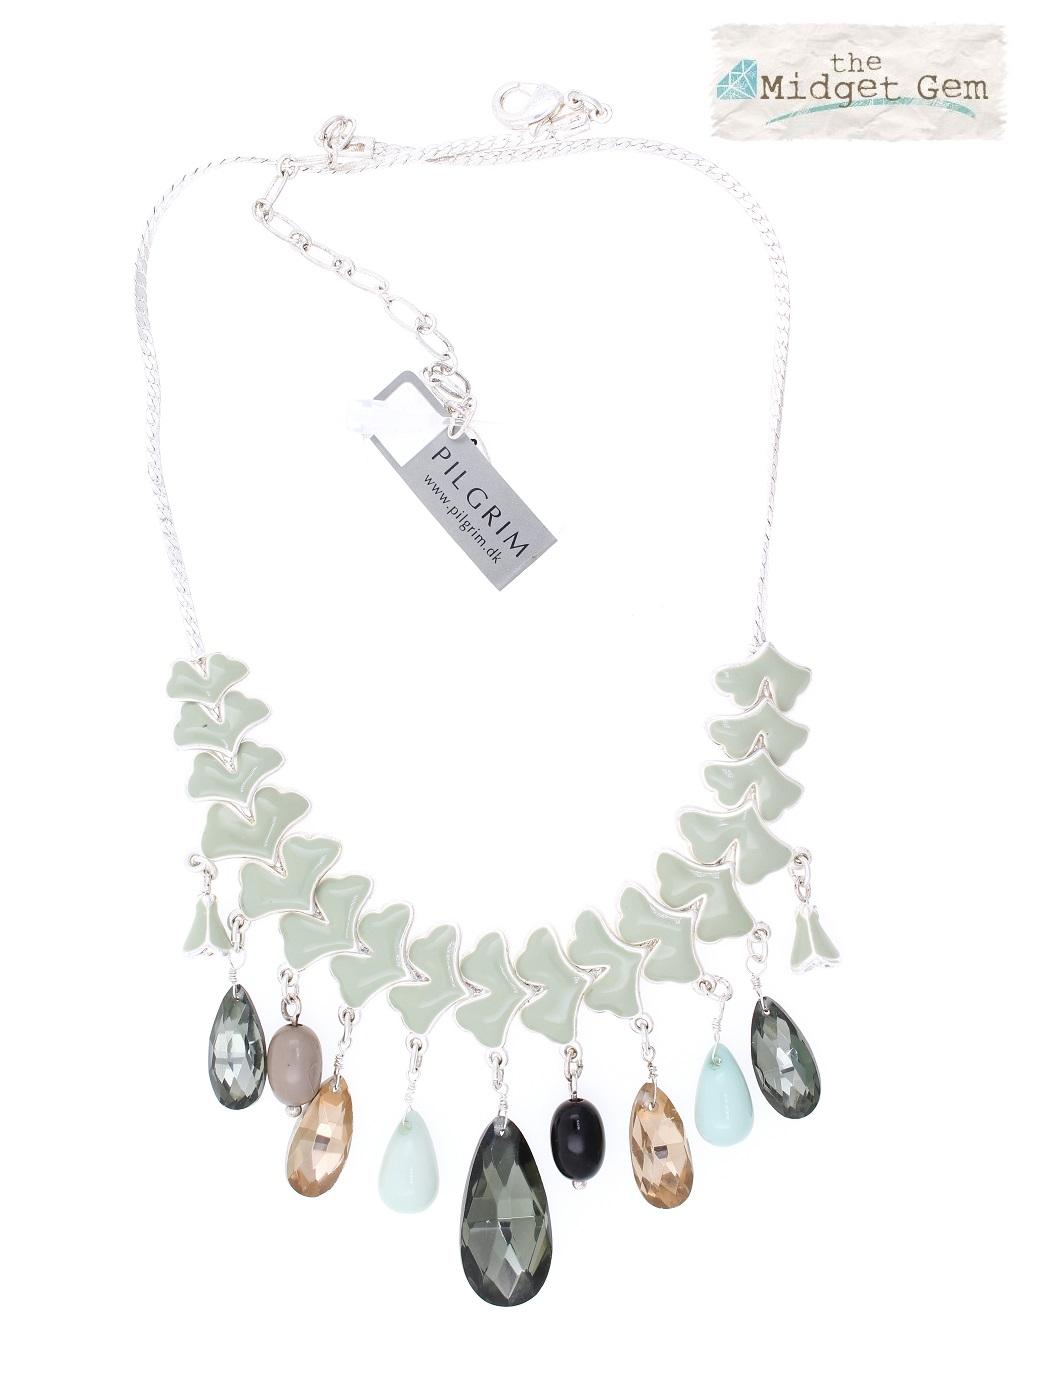 PILGRIM - Carnival - Gingko Leaf & Crystal Drop Necklace - Silver/Green Grey BNWT